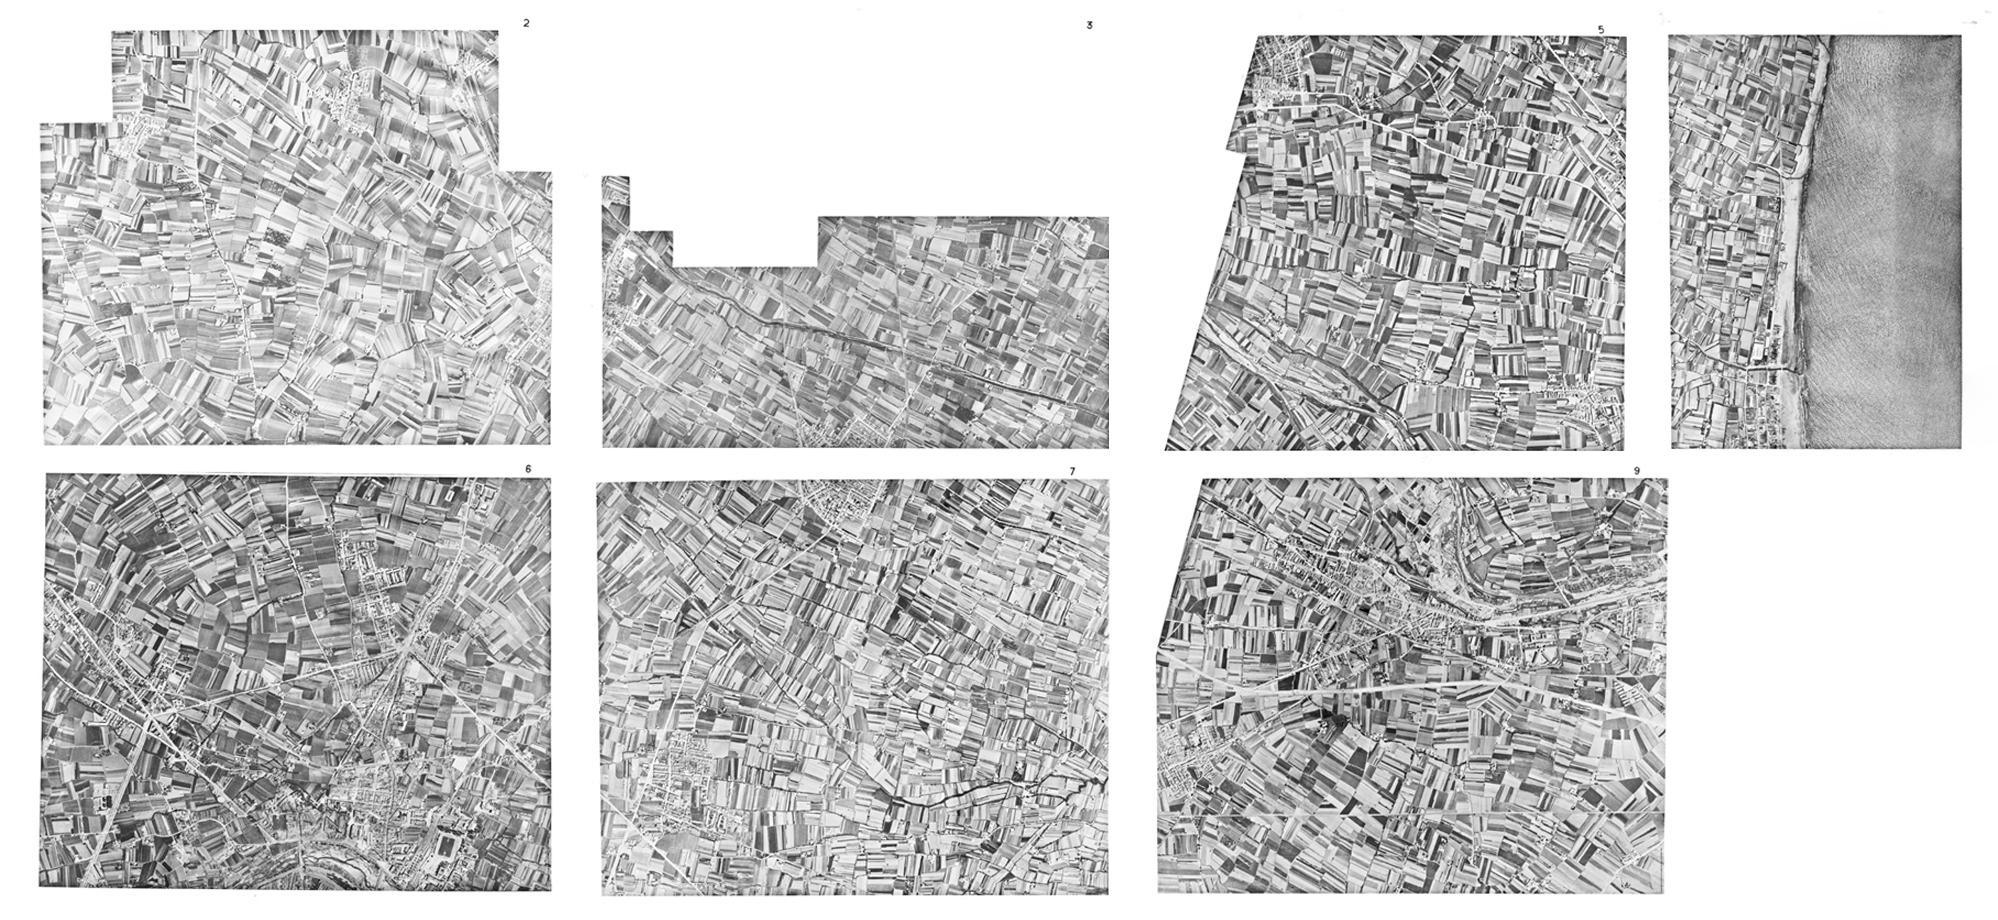 fotomontaje de las fotos aéreas de 1944